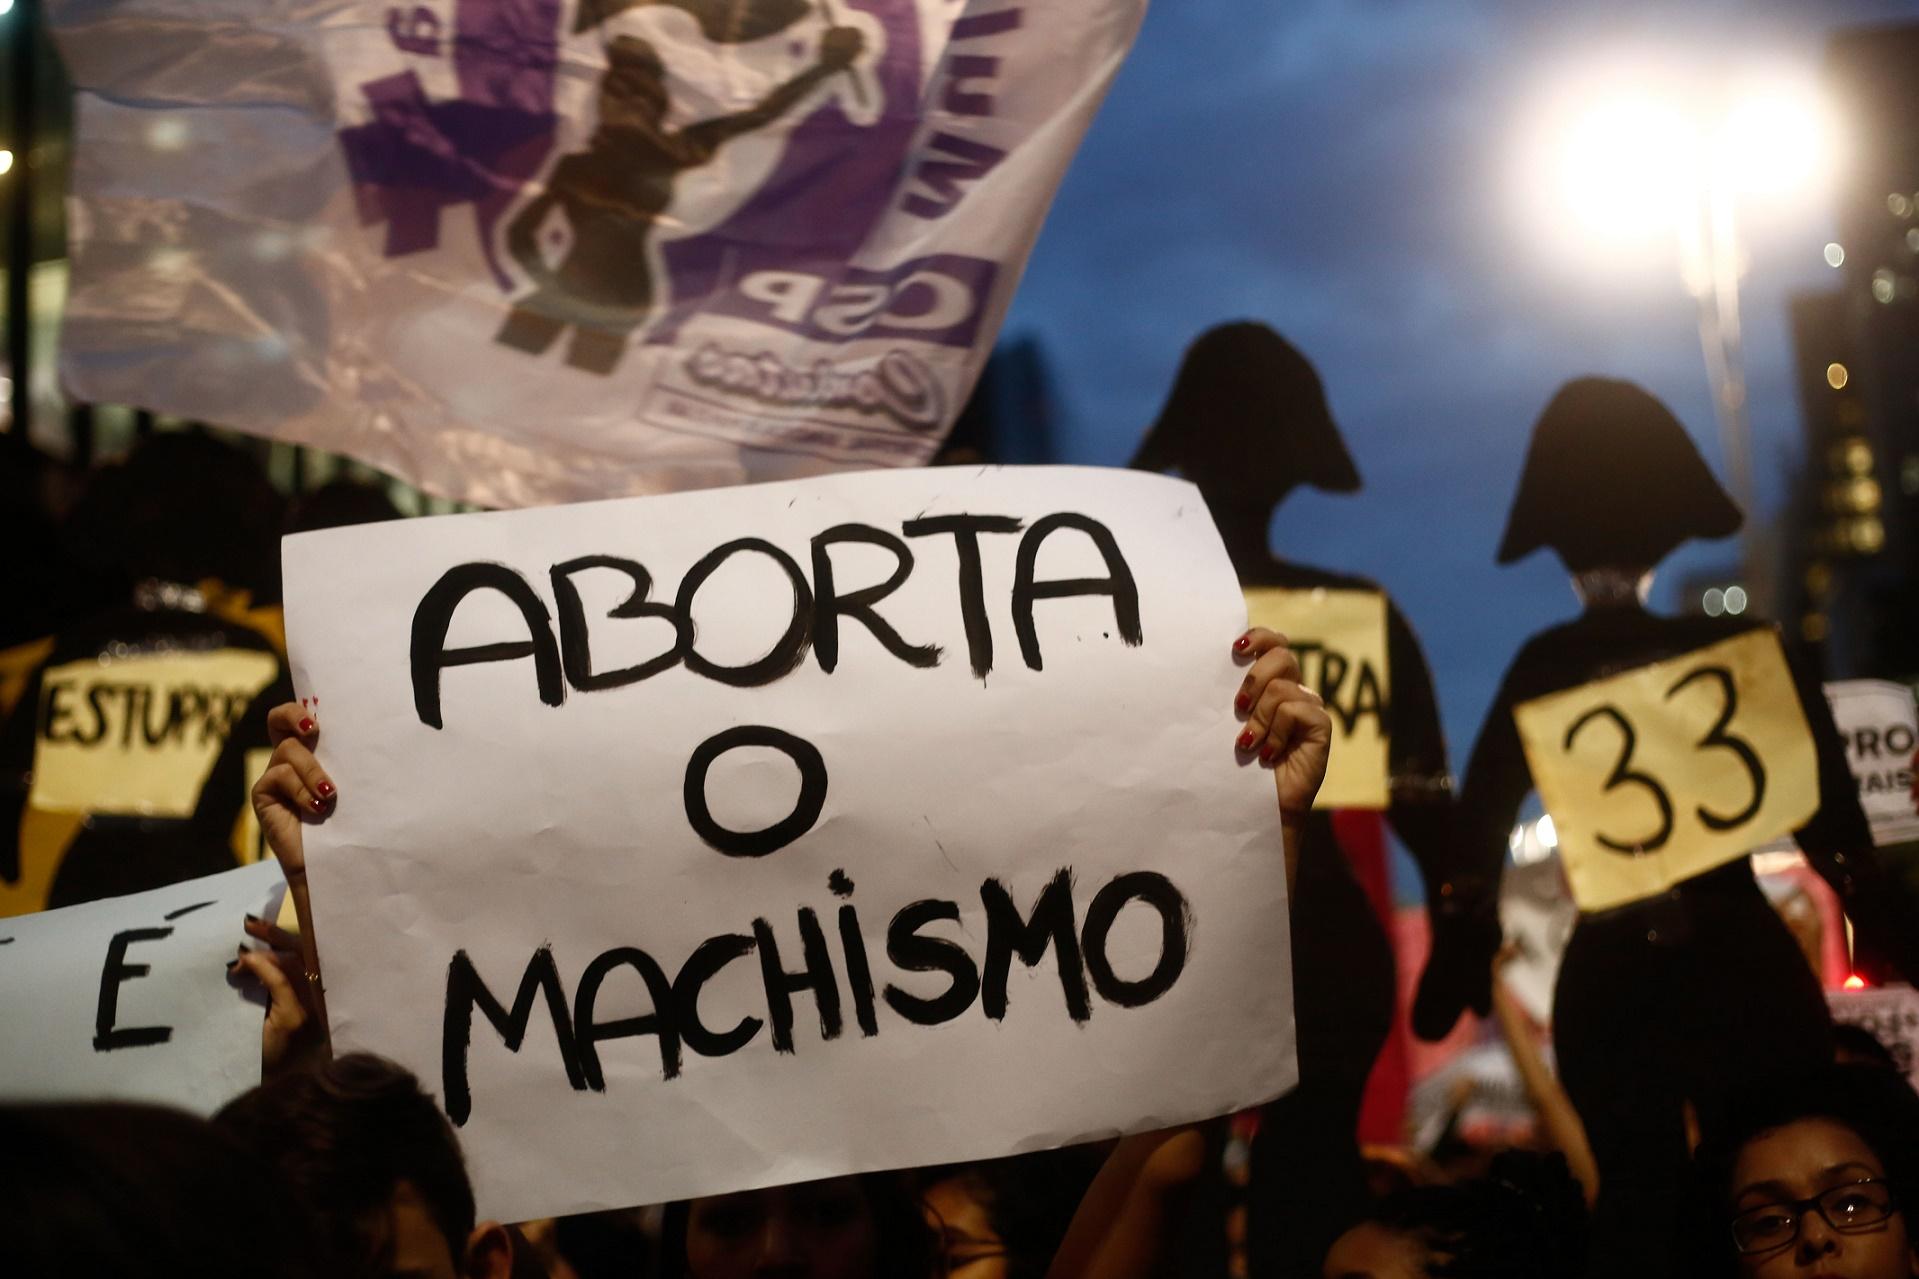 Feministas e representantes de movimentos sociais protestam em São Paulo